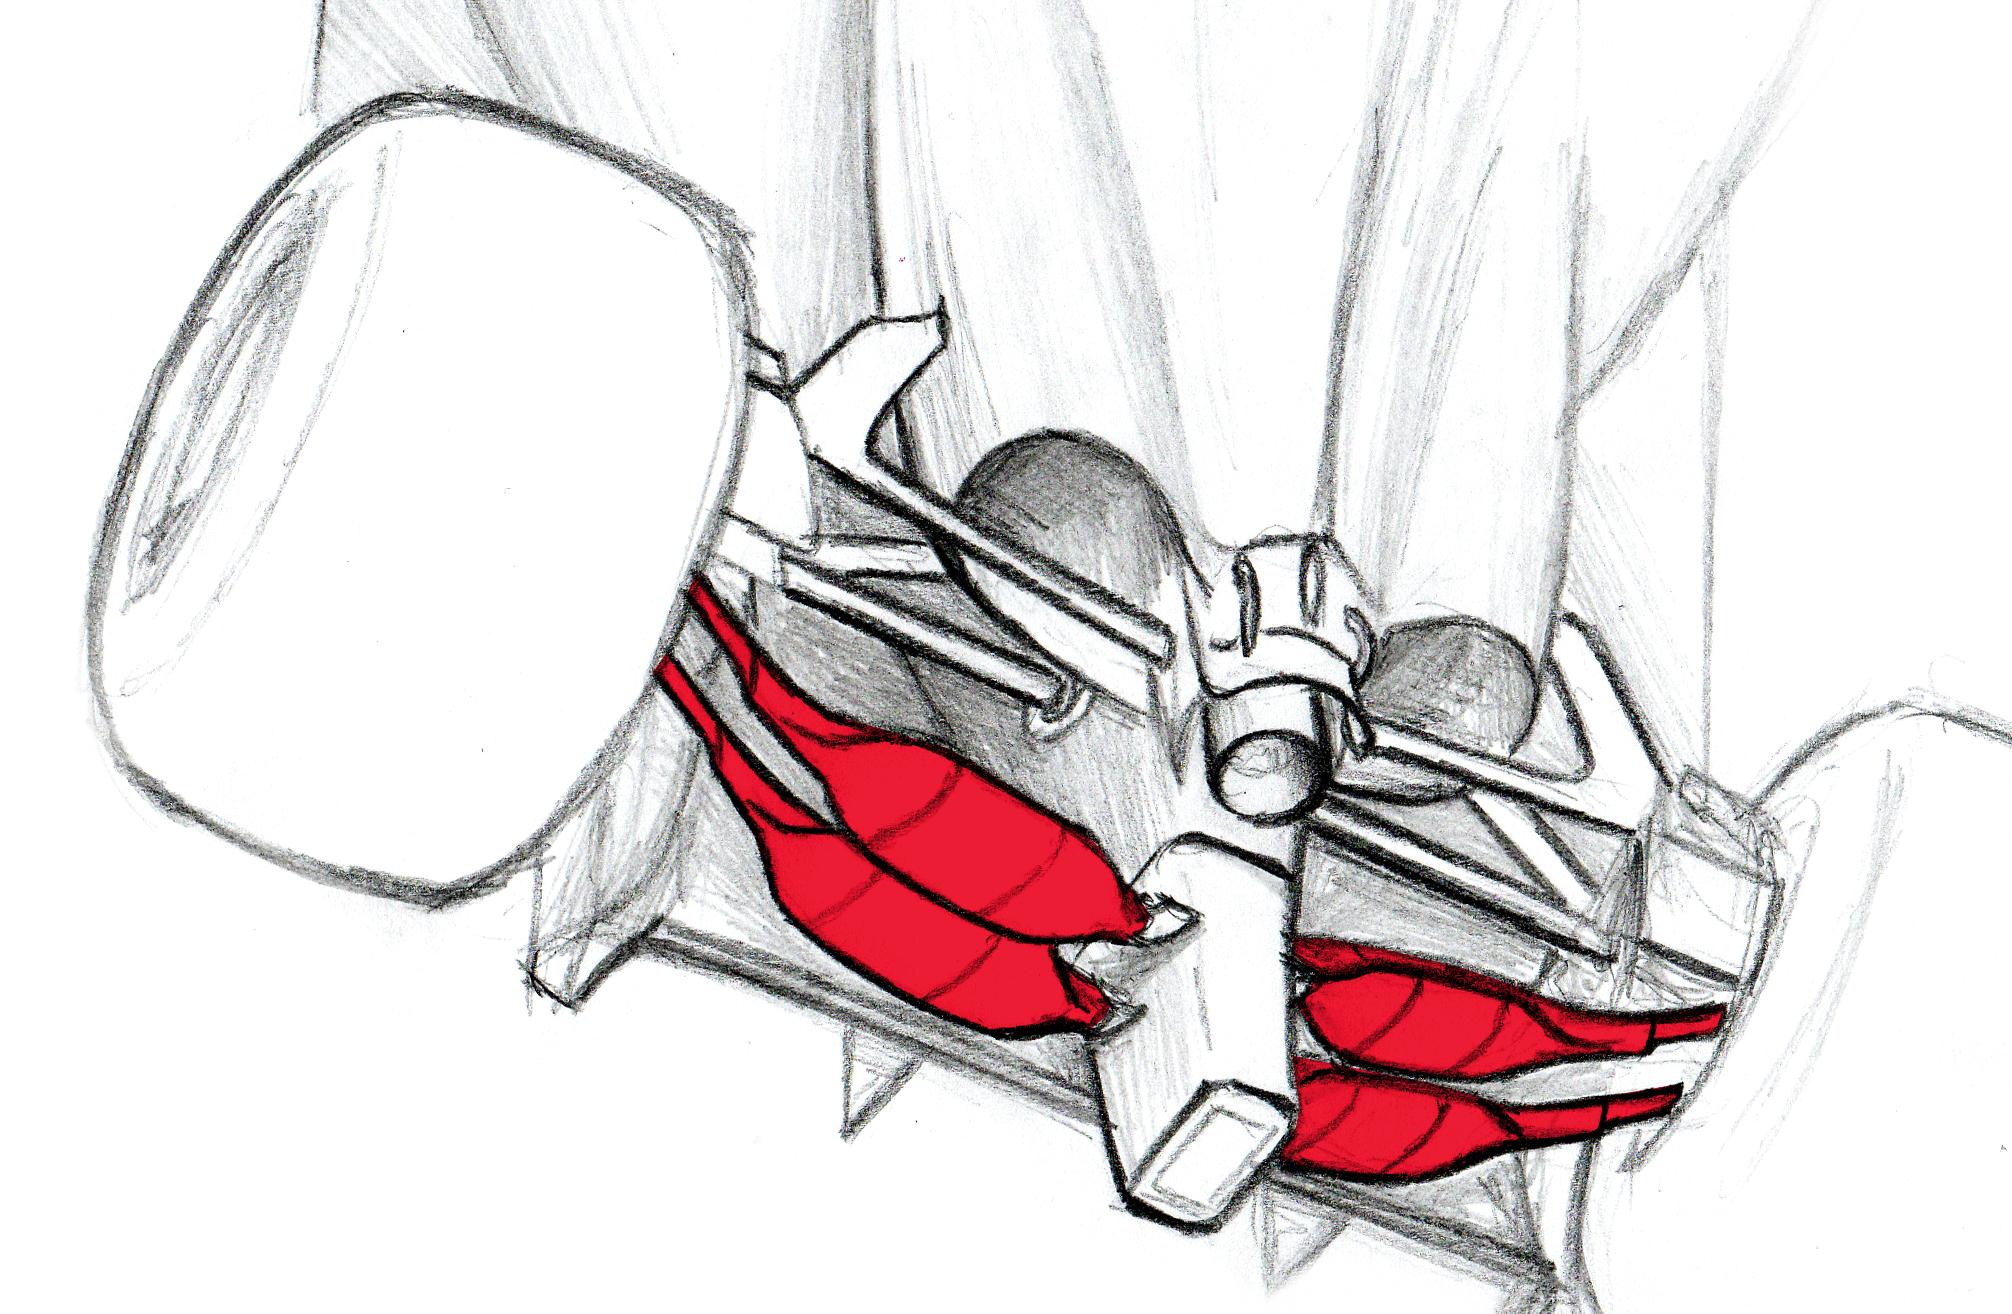 suspension-trasera-mclaren-mp429.jpg